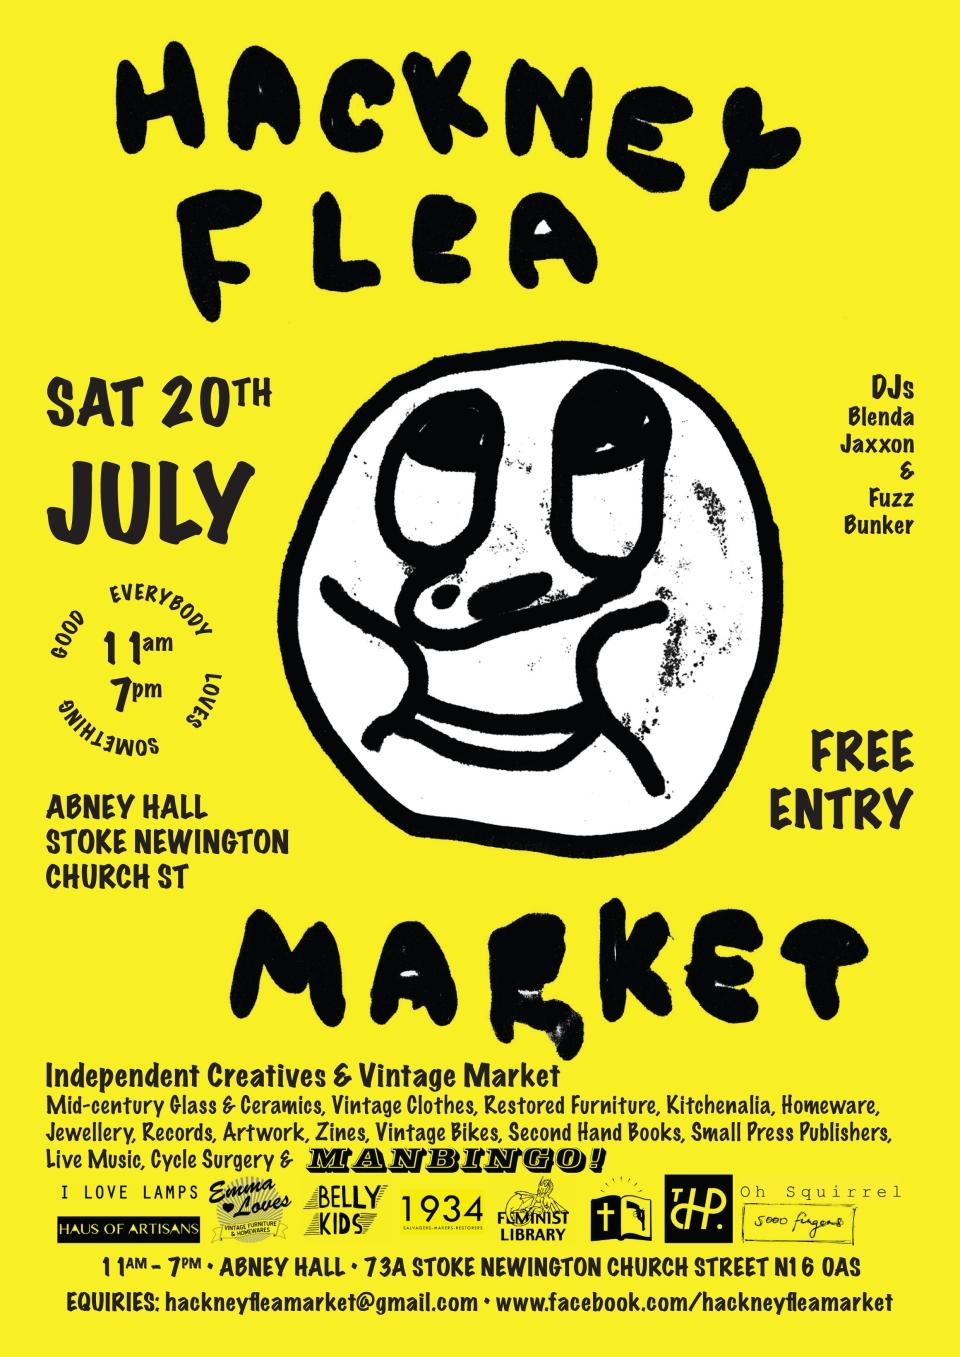 Hackney Poster FINISH